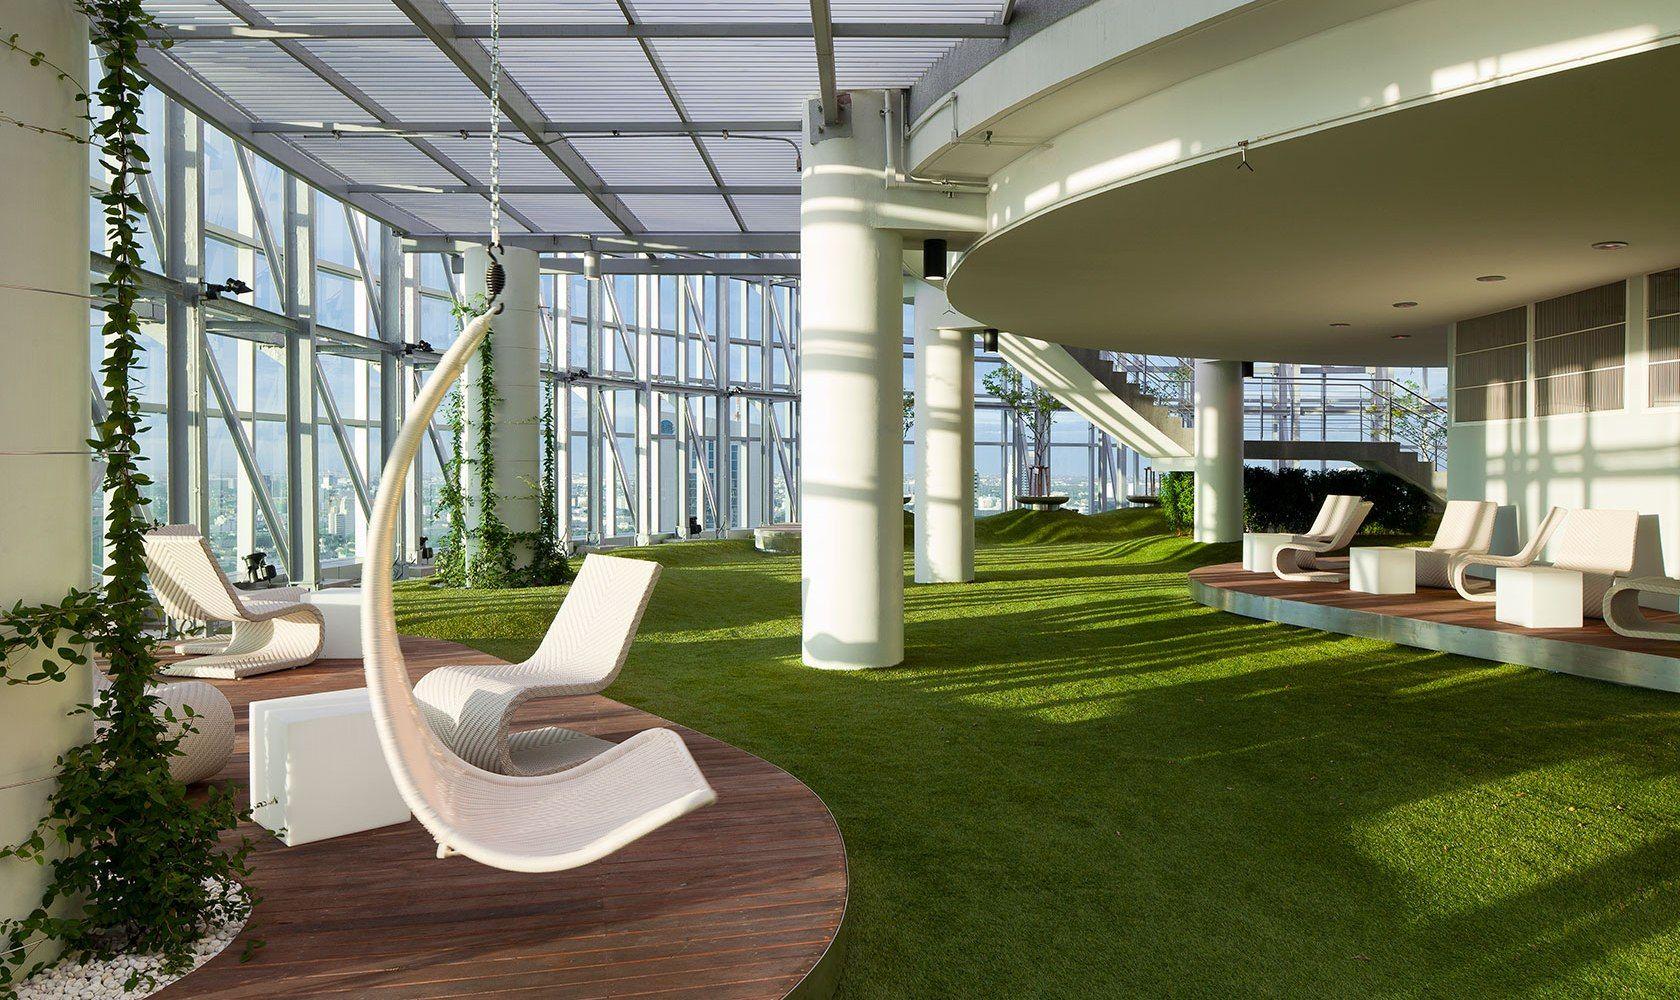 Interior Landscape Design | iDesign | Pinterest | Landscape ...